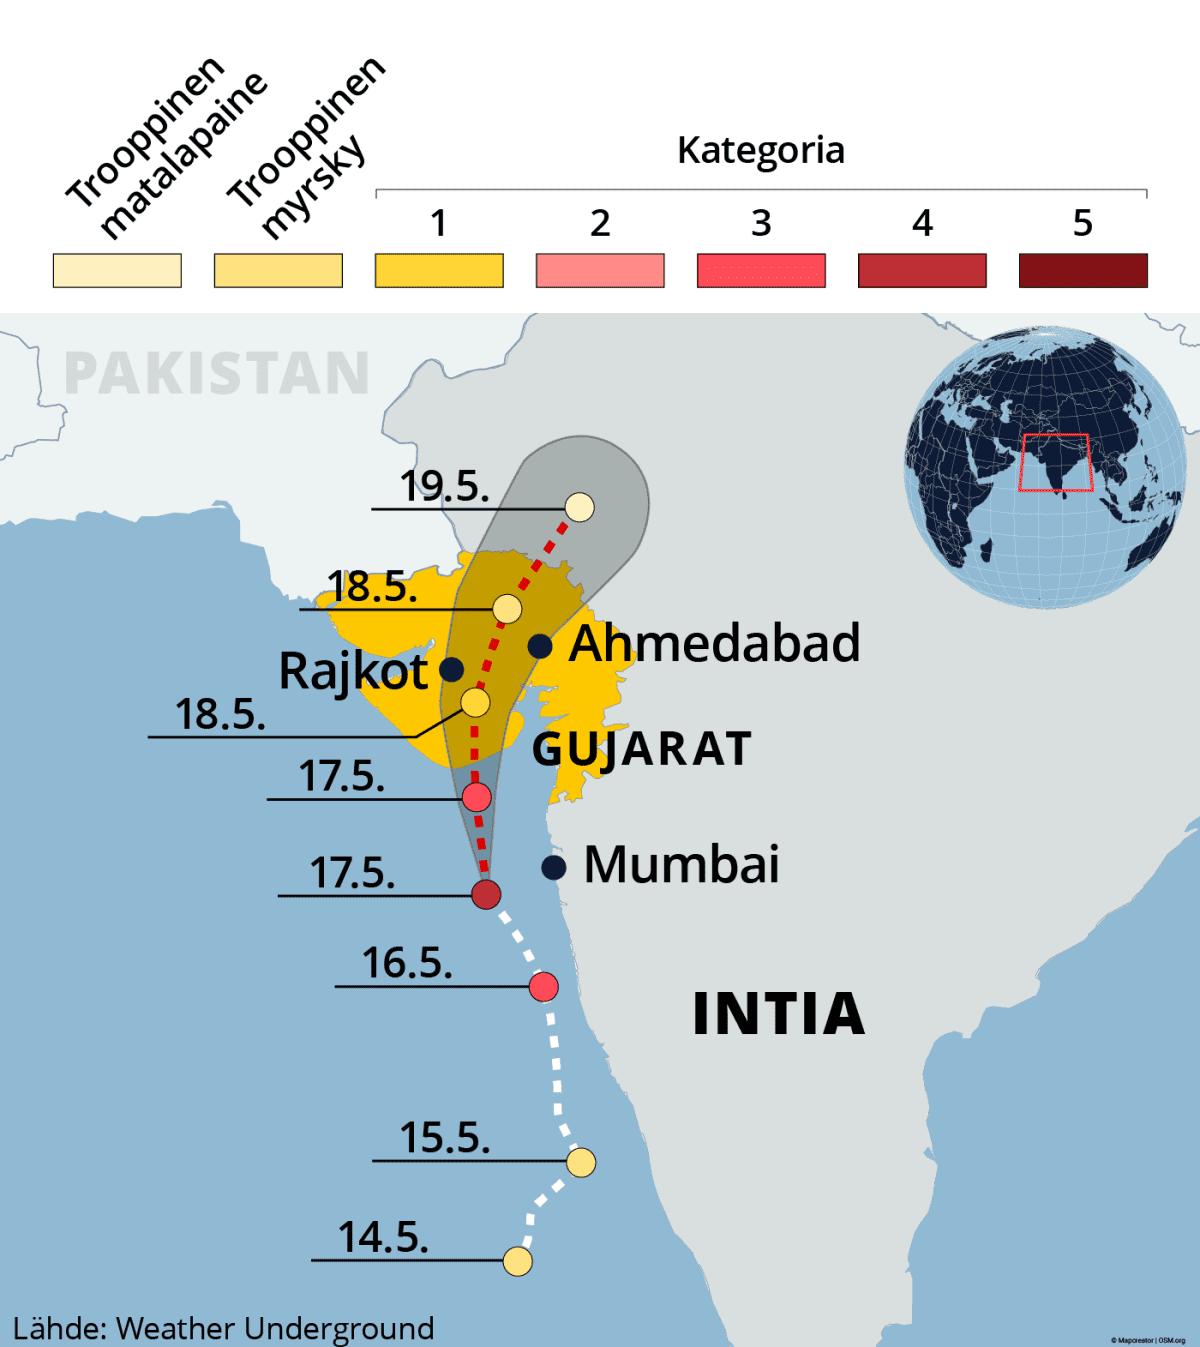 Kartalla sykloni Tauktaen reitti ja ennuste Intian länsirannikolla.